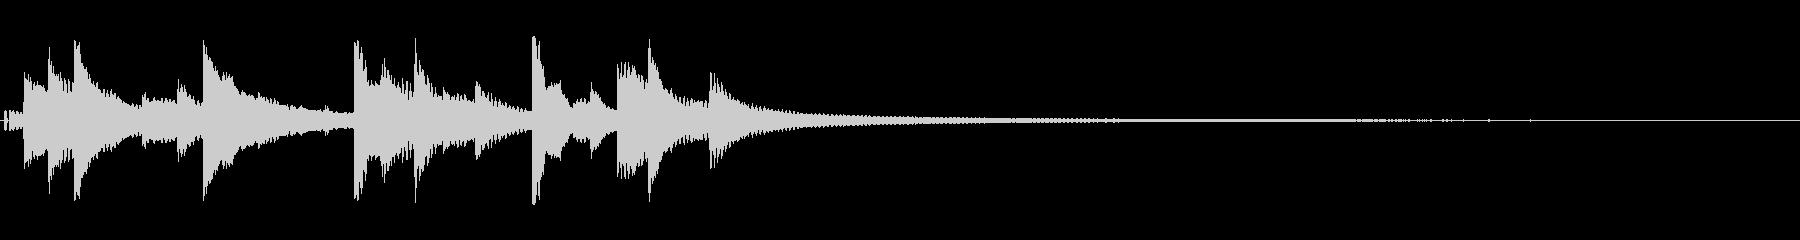 ベルの音。長め。の未再生の波形